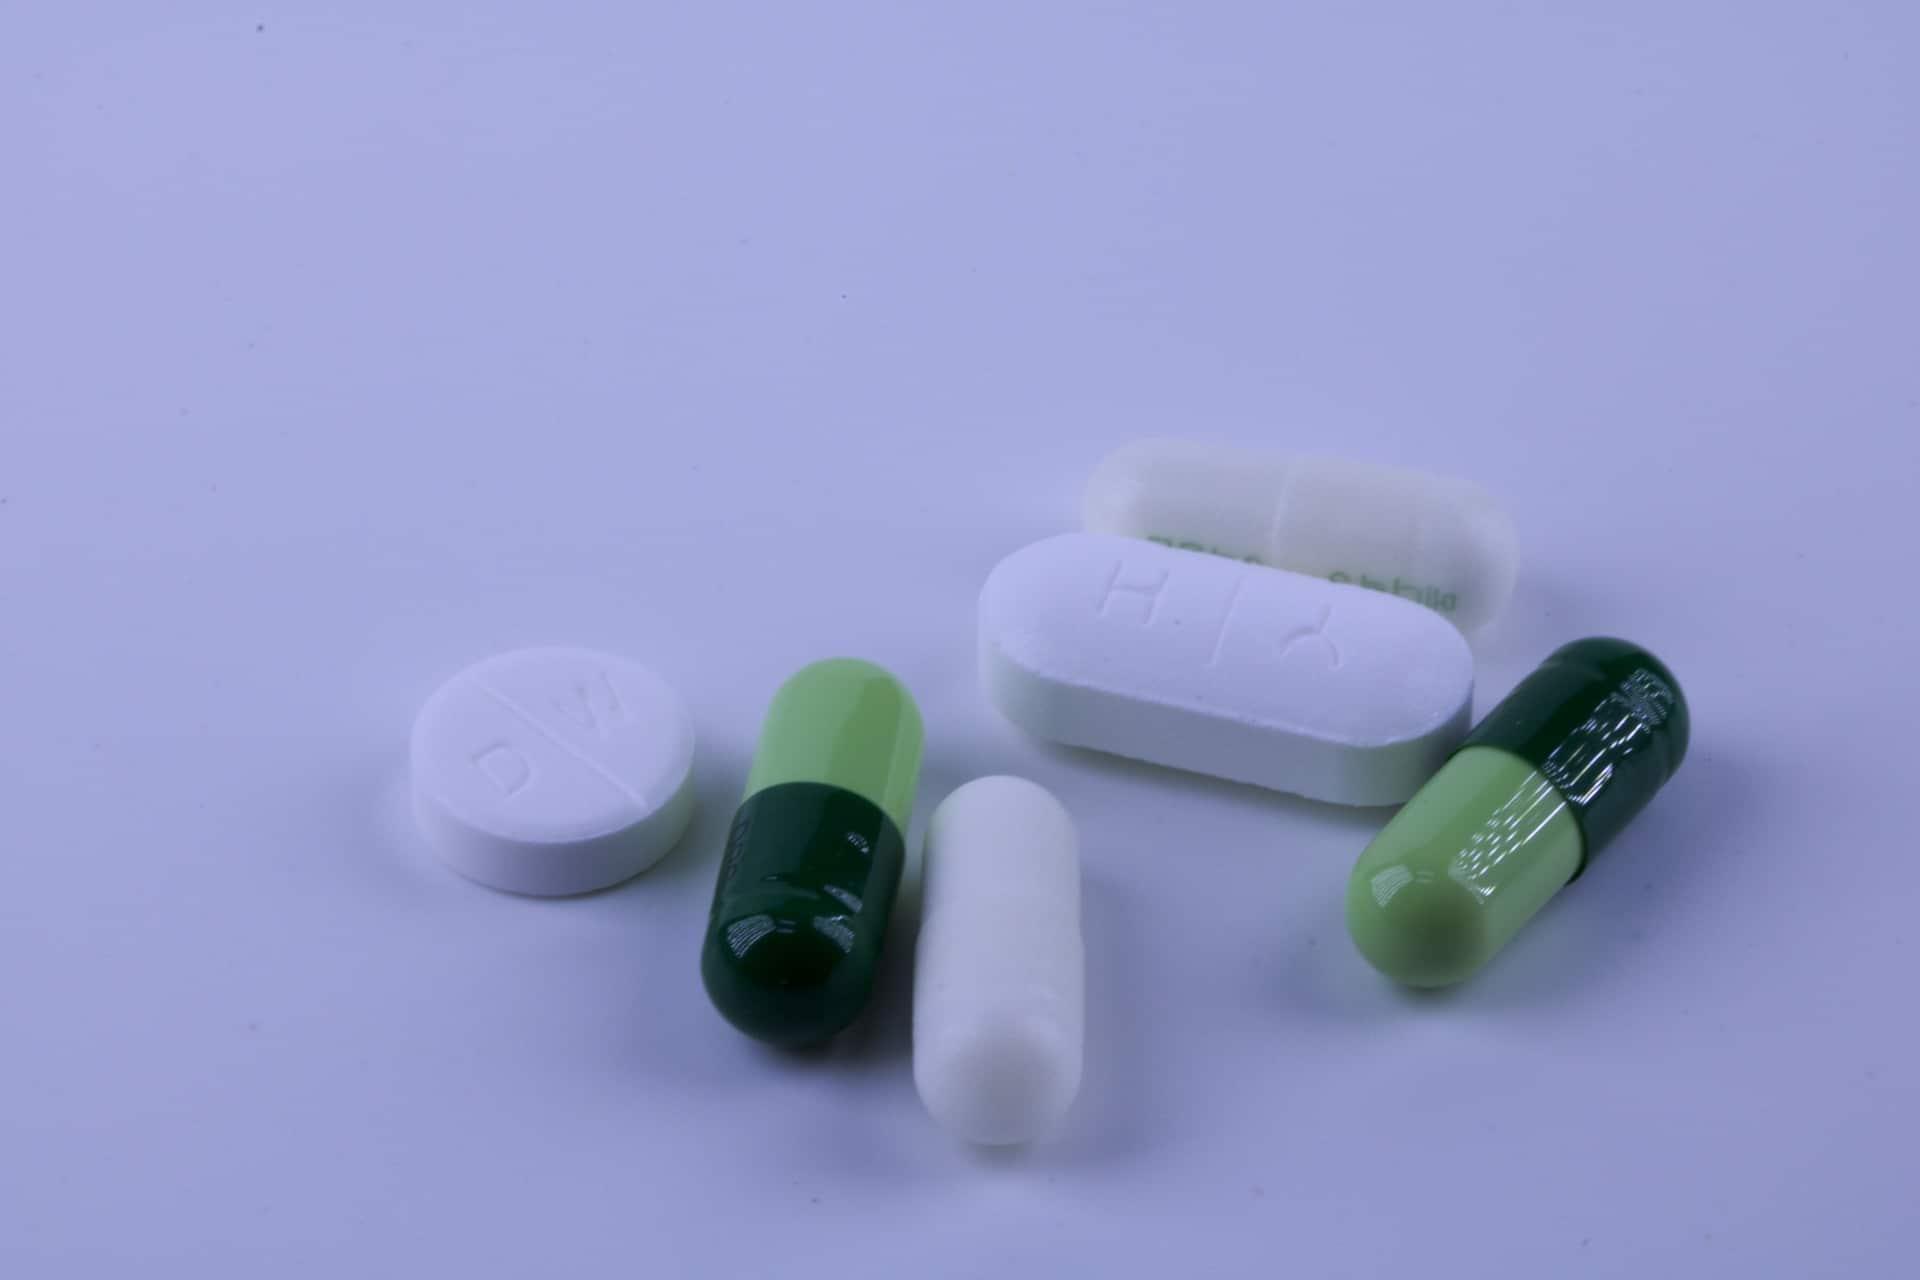 ジェネリック医薬品を選定する理由